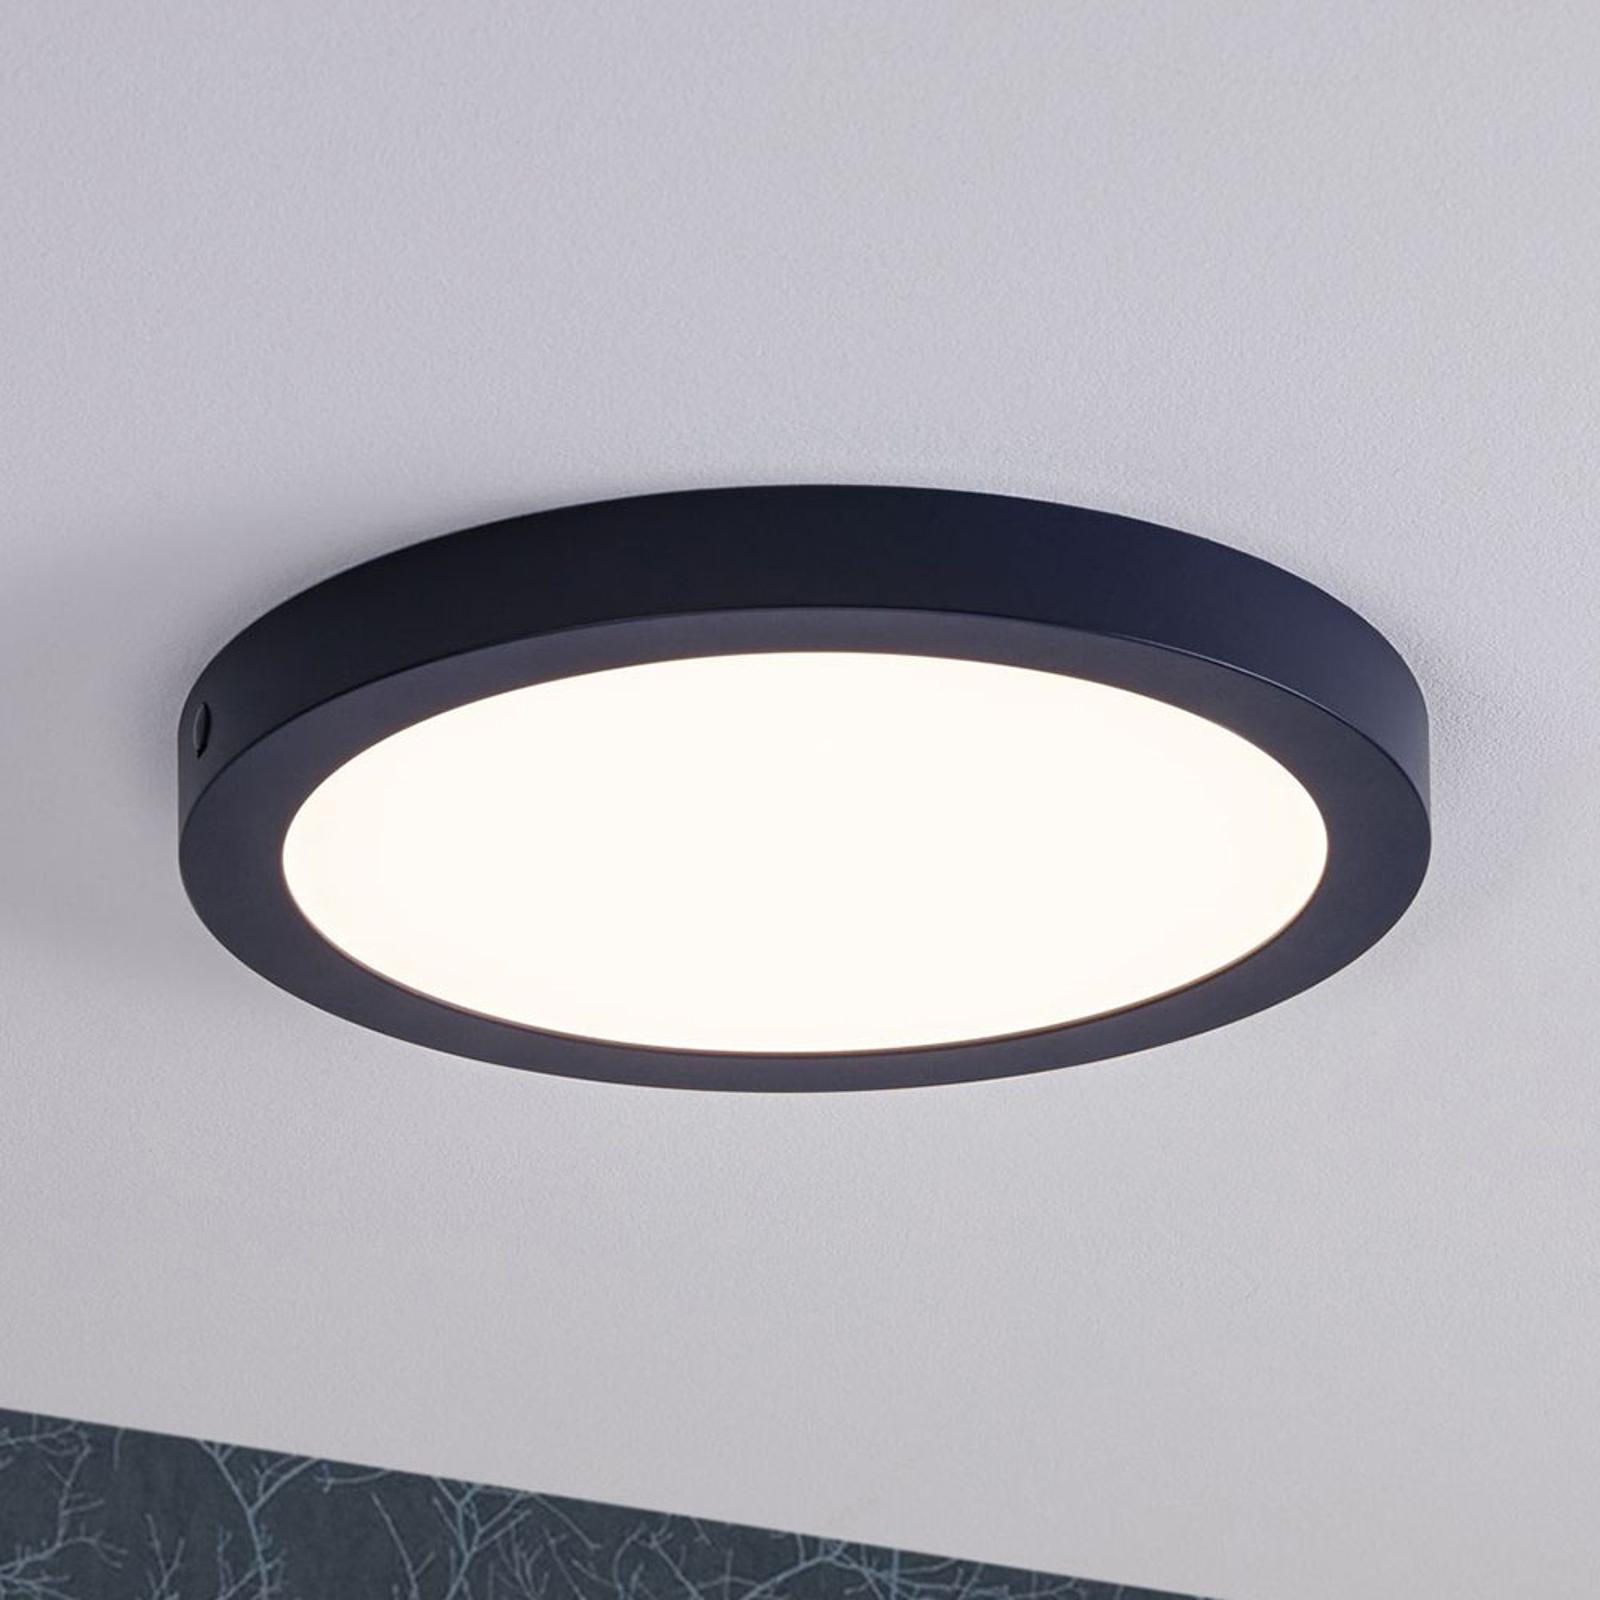 Paulmann LED-Panel Abia, rund Ø 30cm, nachtblau